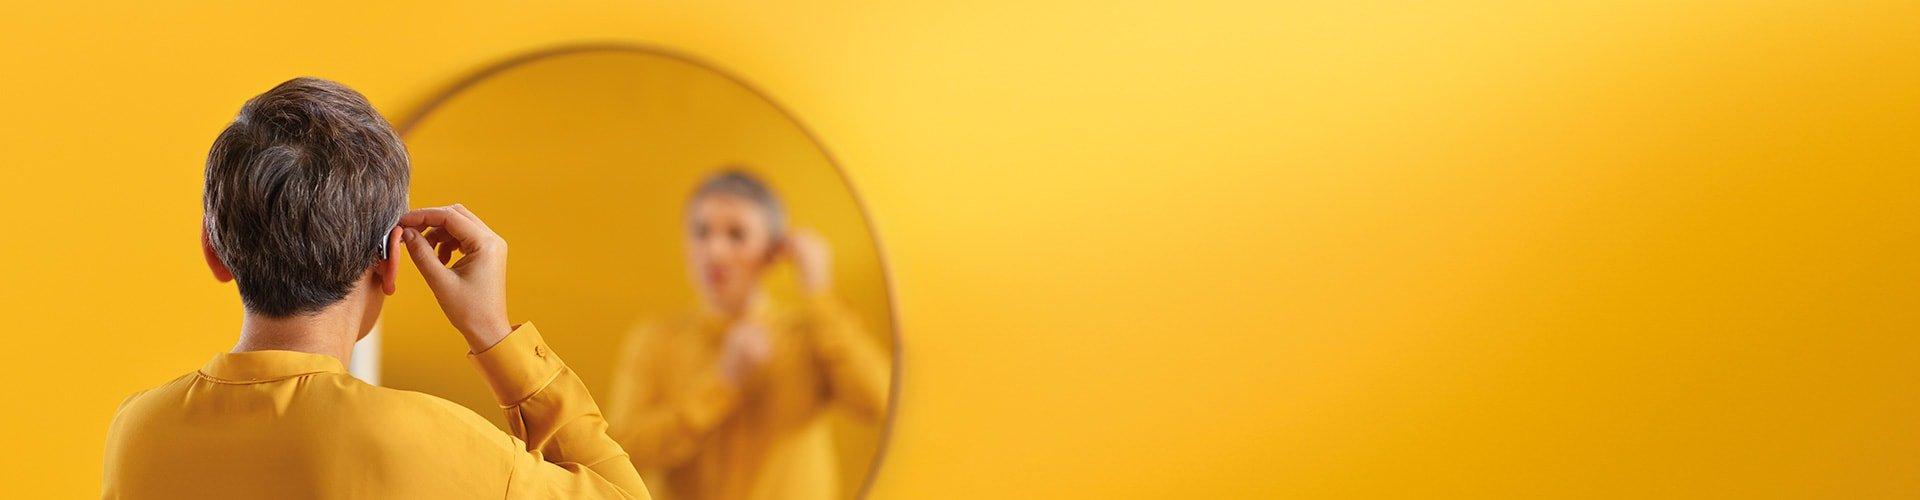 Mujer poniéndose su aparato auditivo Philips. Philips HearLink cuenta con una gama de estilos de audífonos.